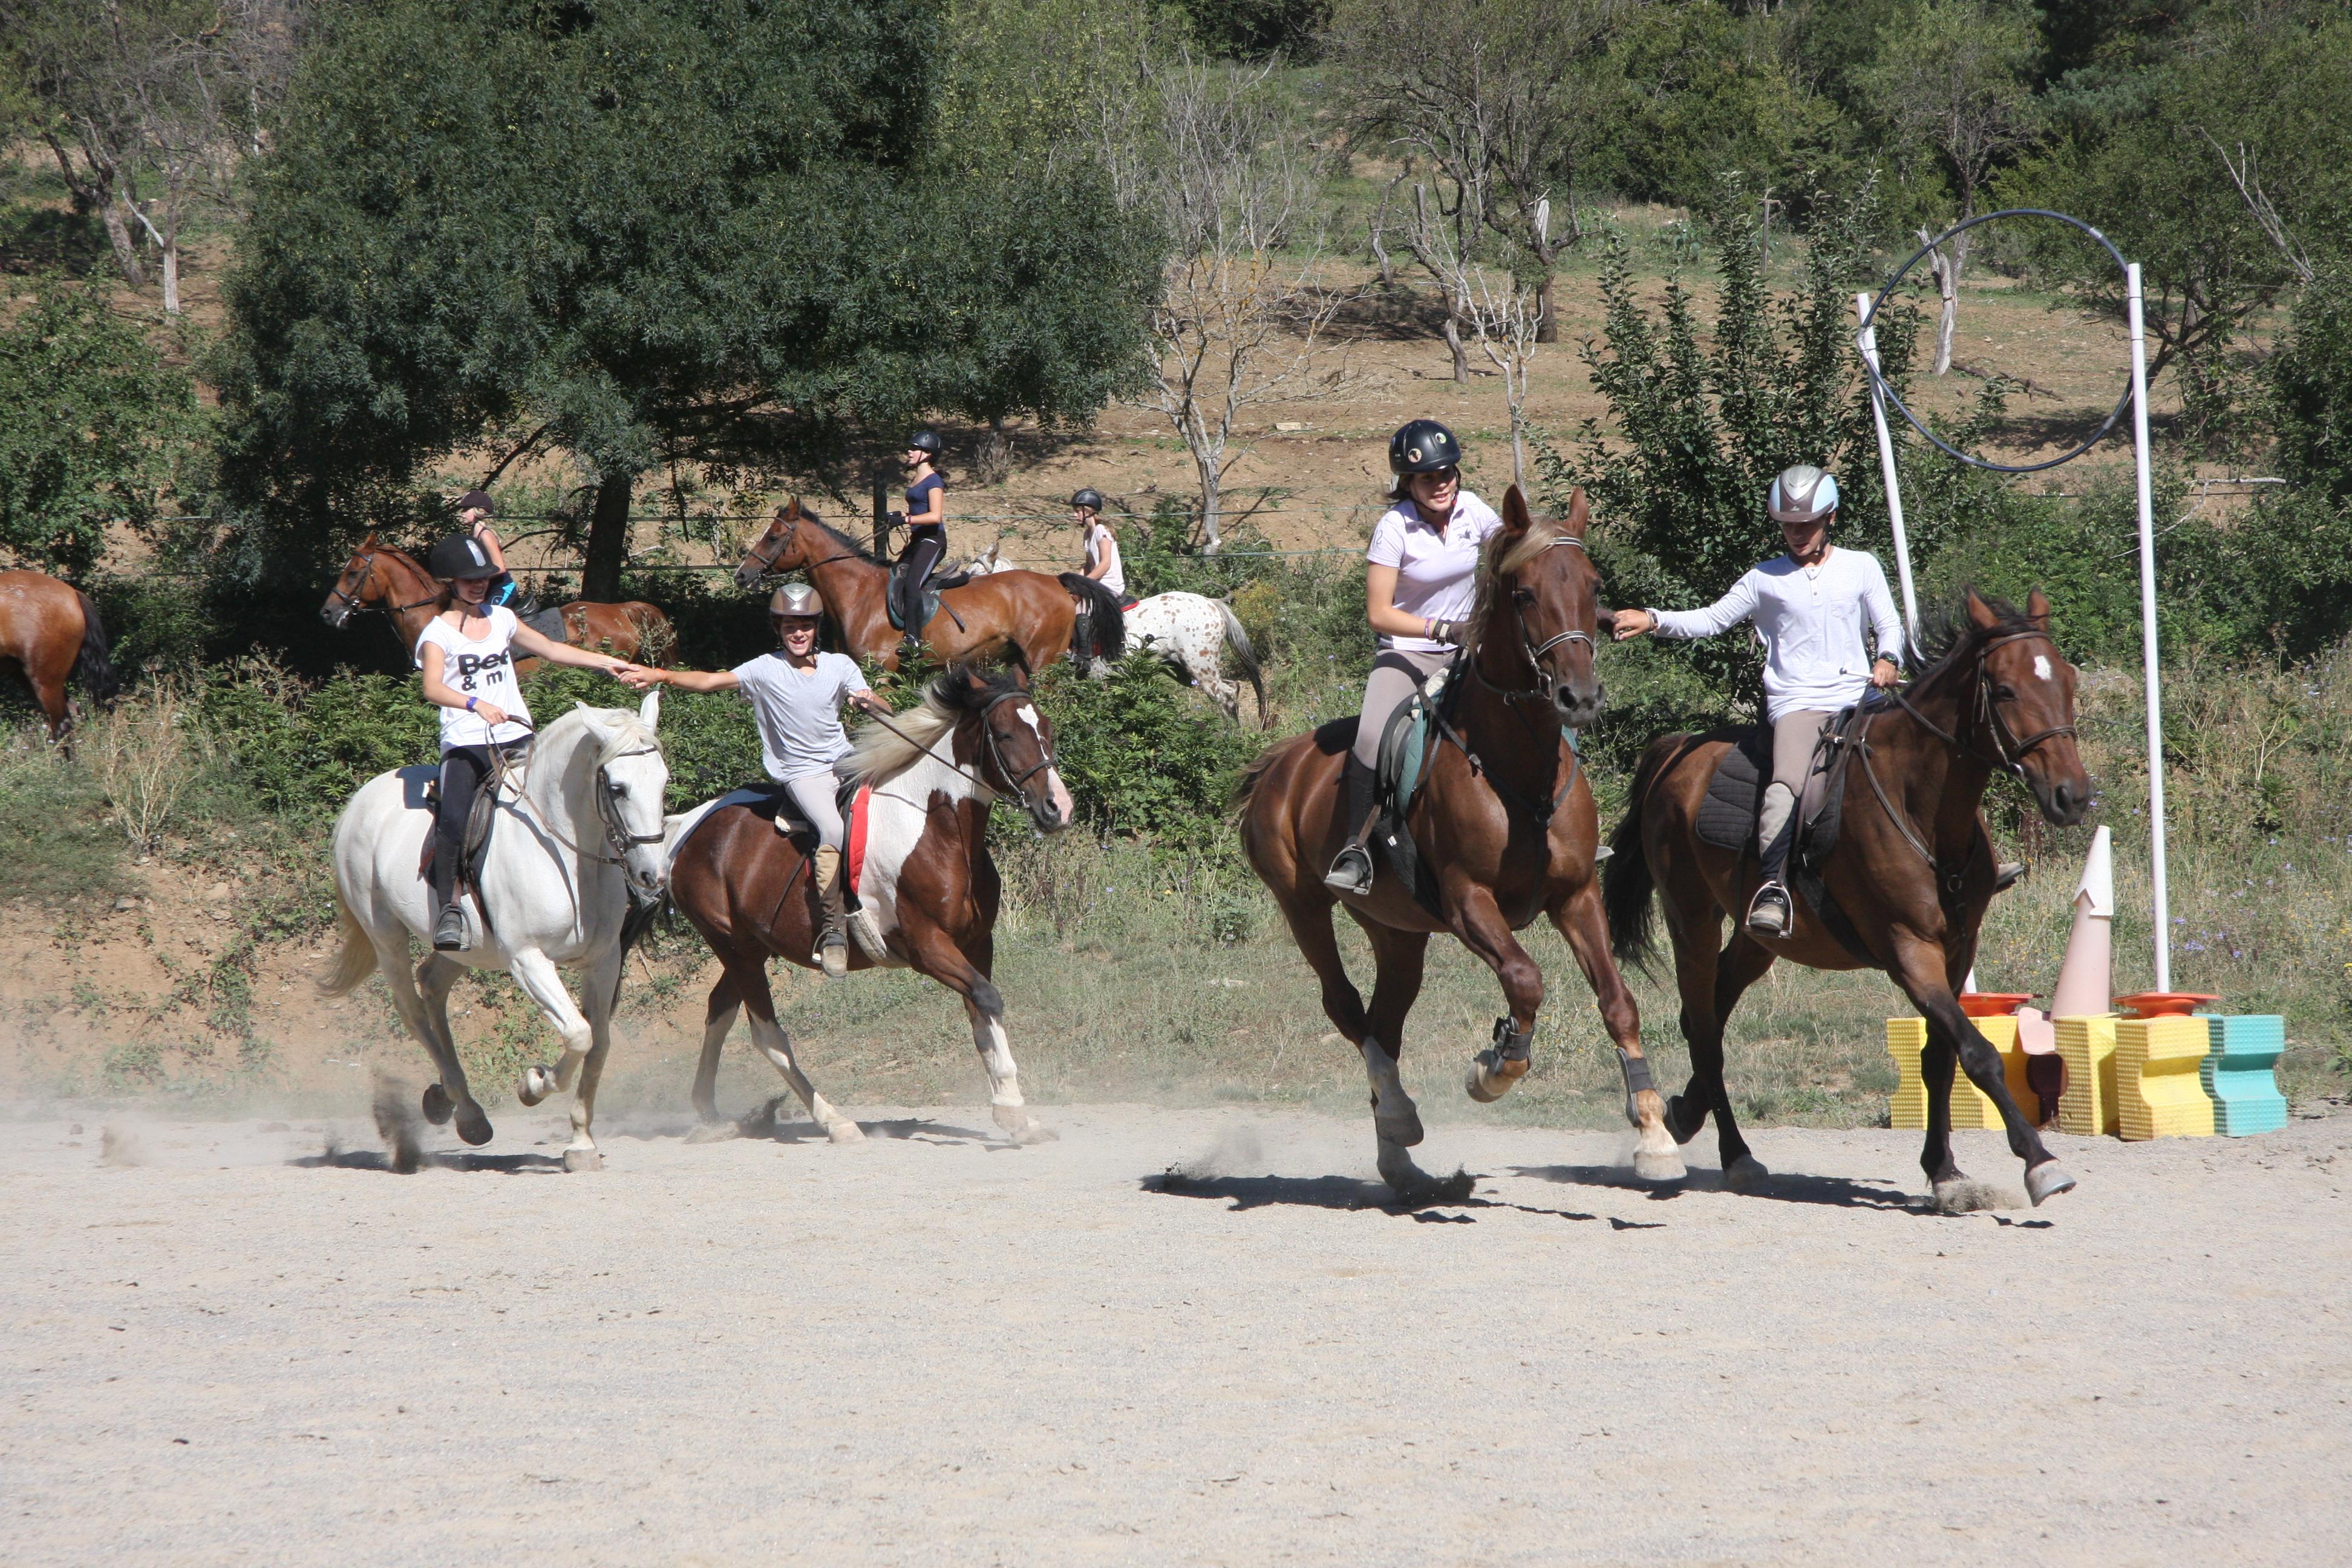 Juegos a caballo en Pirineo Ecuestre